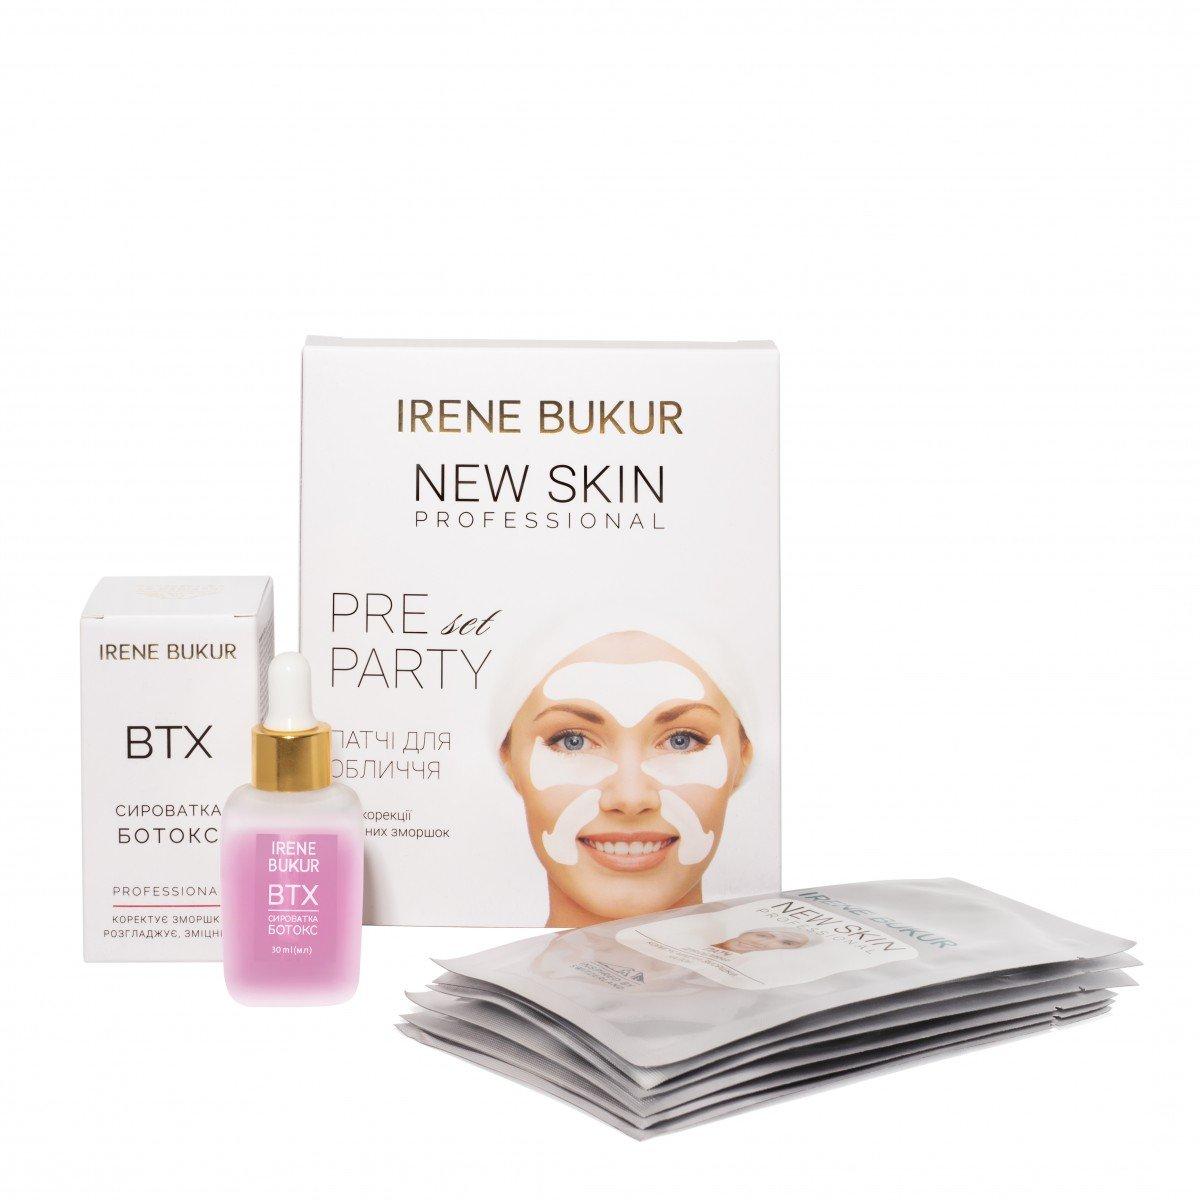 """Сироватка для обличчя """"Botox"""" серії New Skin Professional, 30 мл + НАБІР  ПАТЧІВ (у ПОДАРУНОК)"""